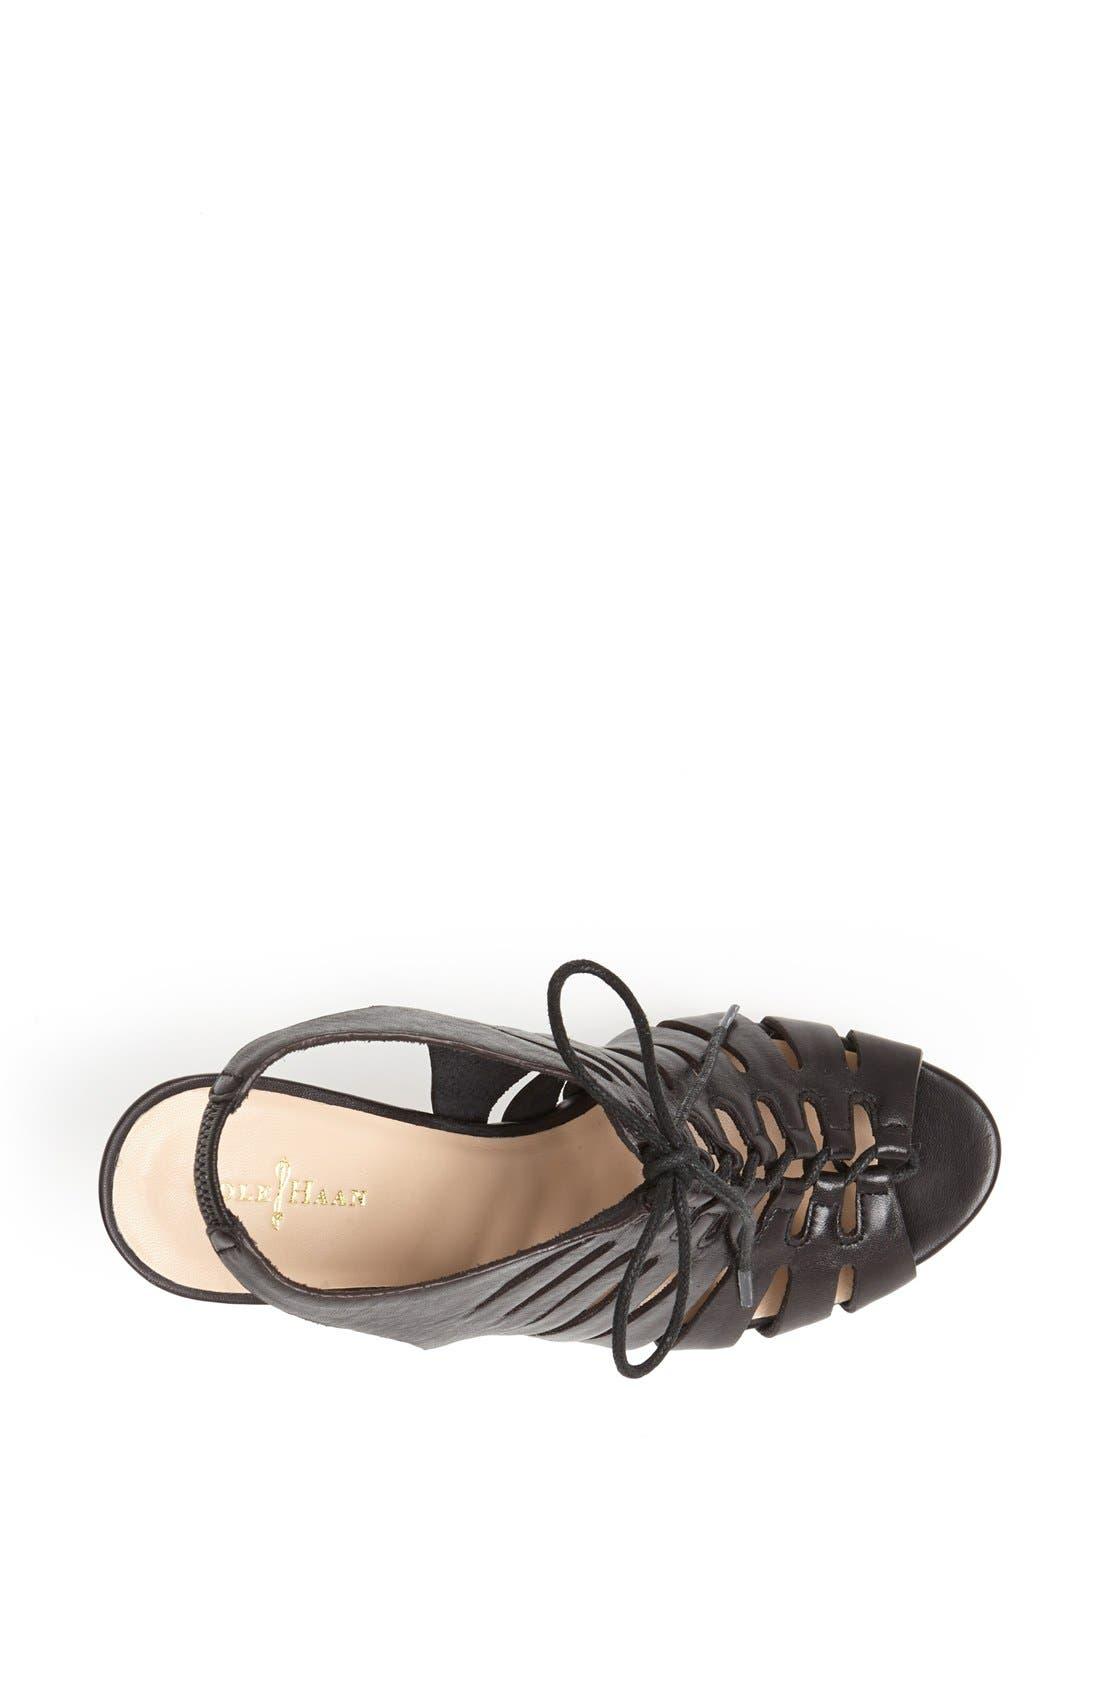 Alternate Image 3  - Cole Haan 'Skye' Wedge Sandal